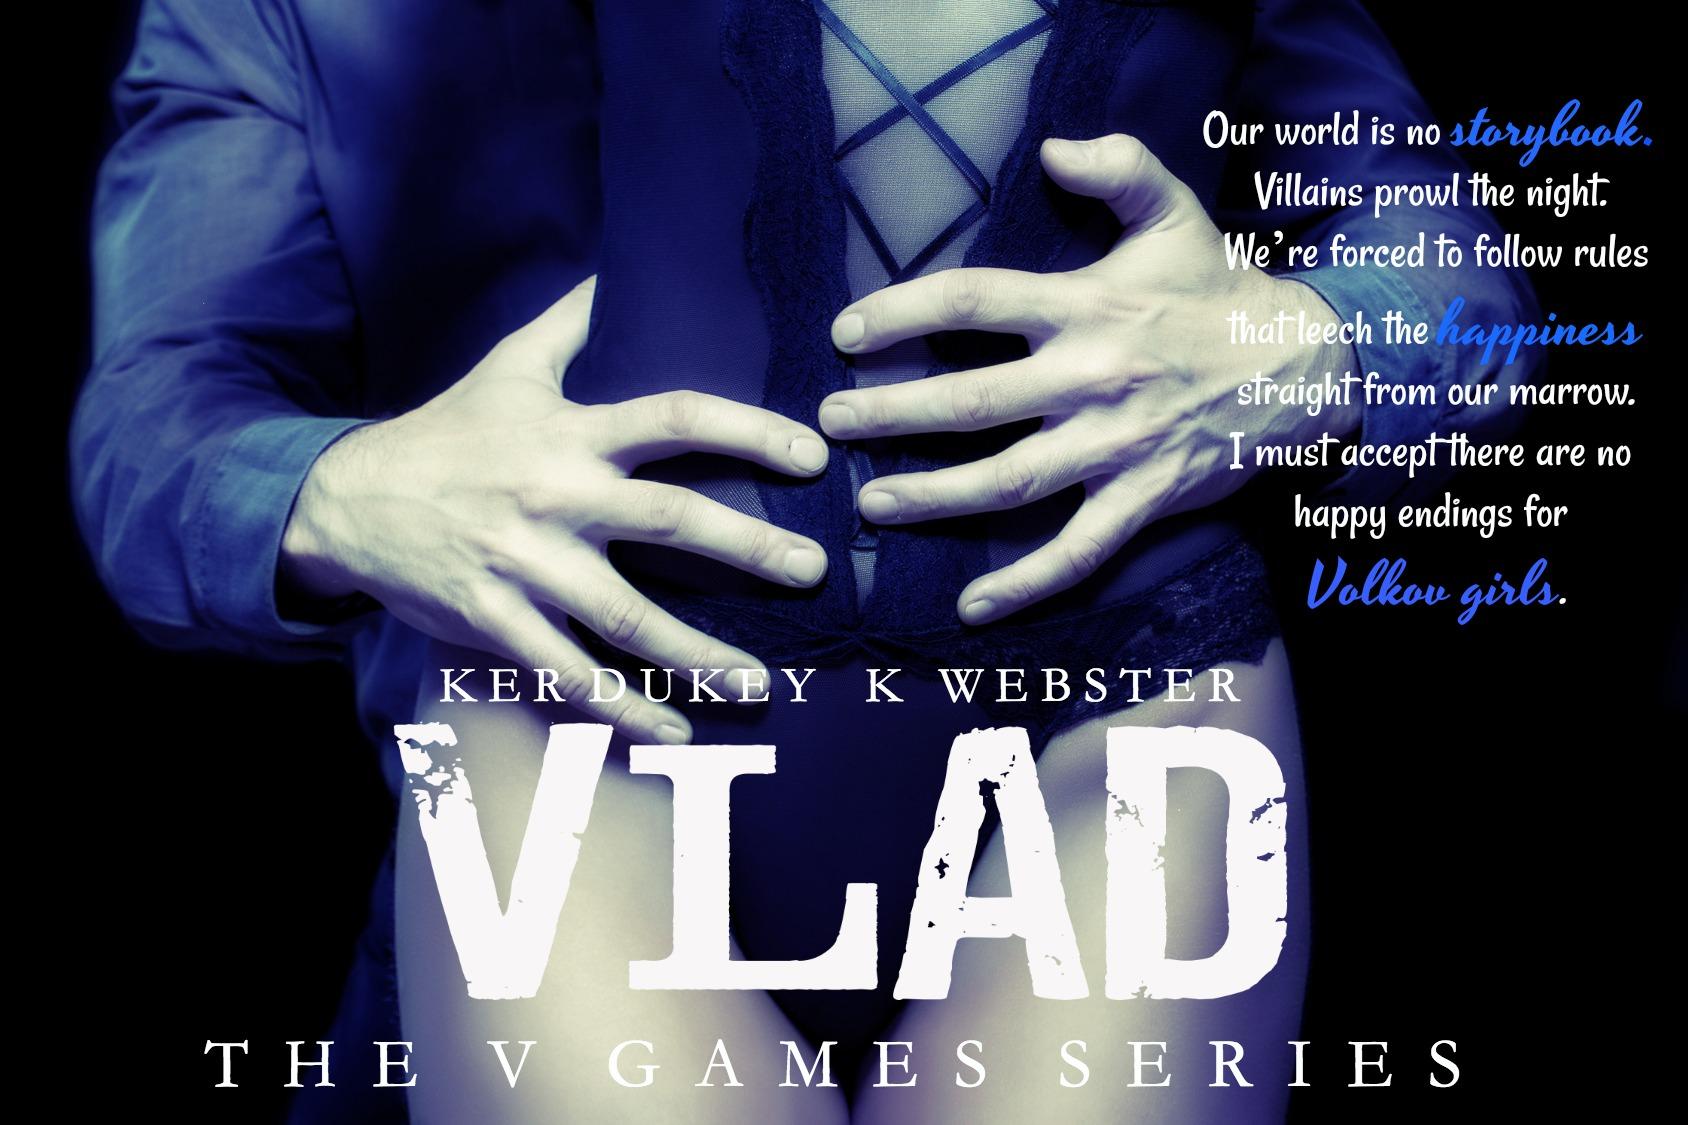 VLAD TEASER 5